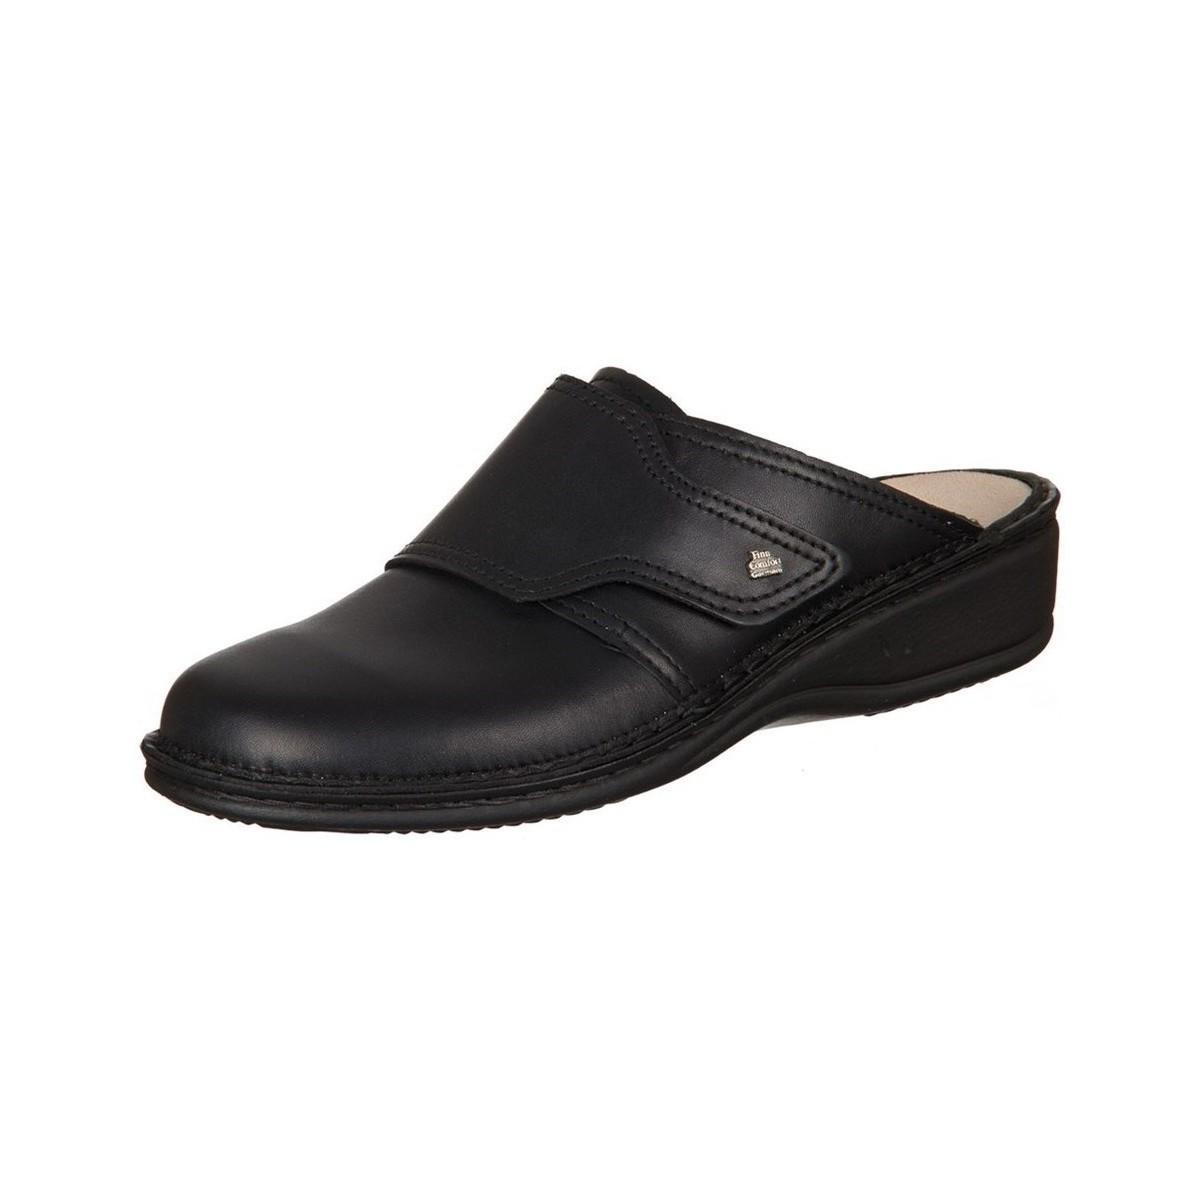 Finn Comfort Aussee Nappa Seda Noir - Chaussures Sabots Femme